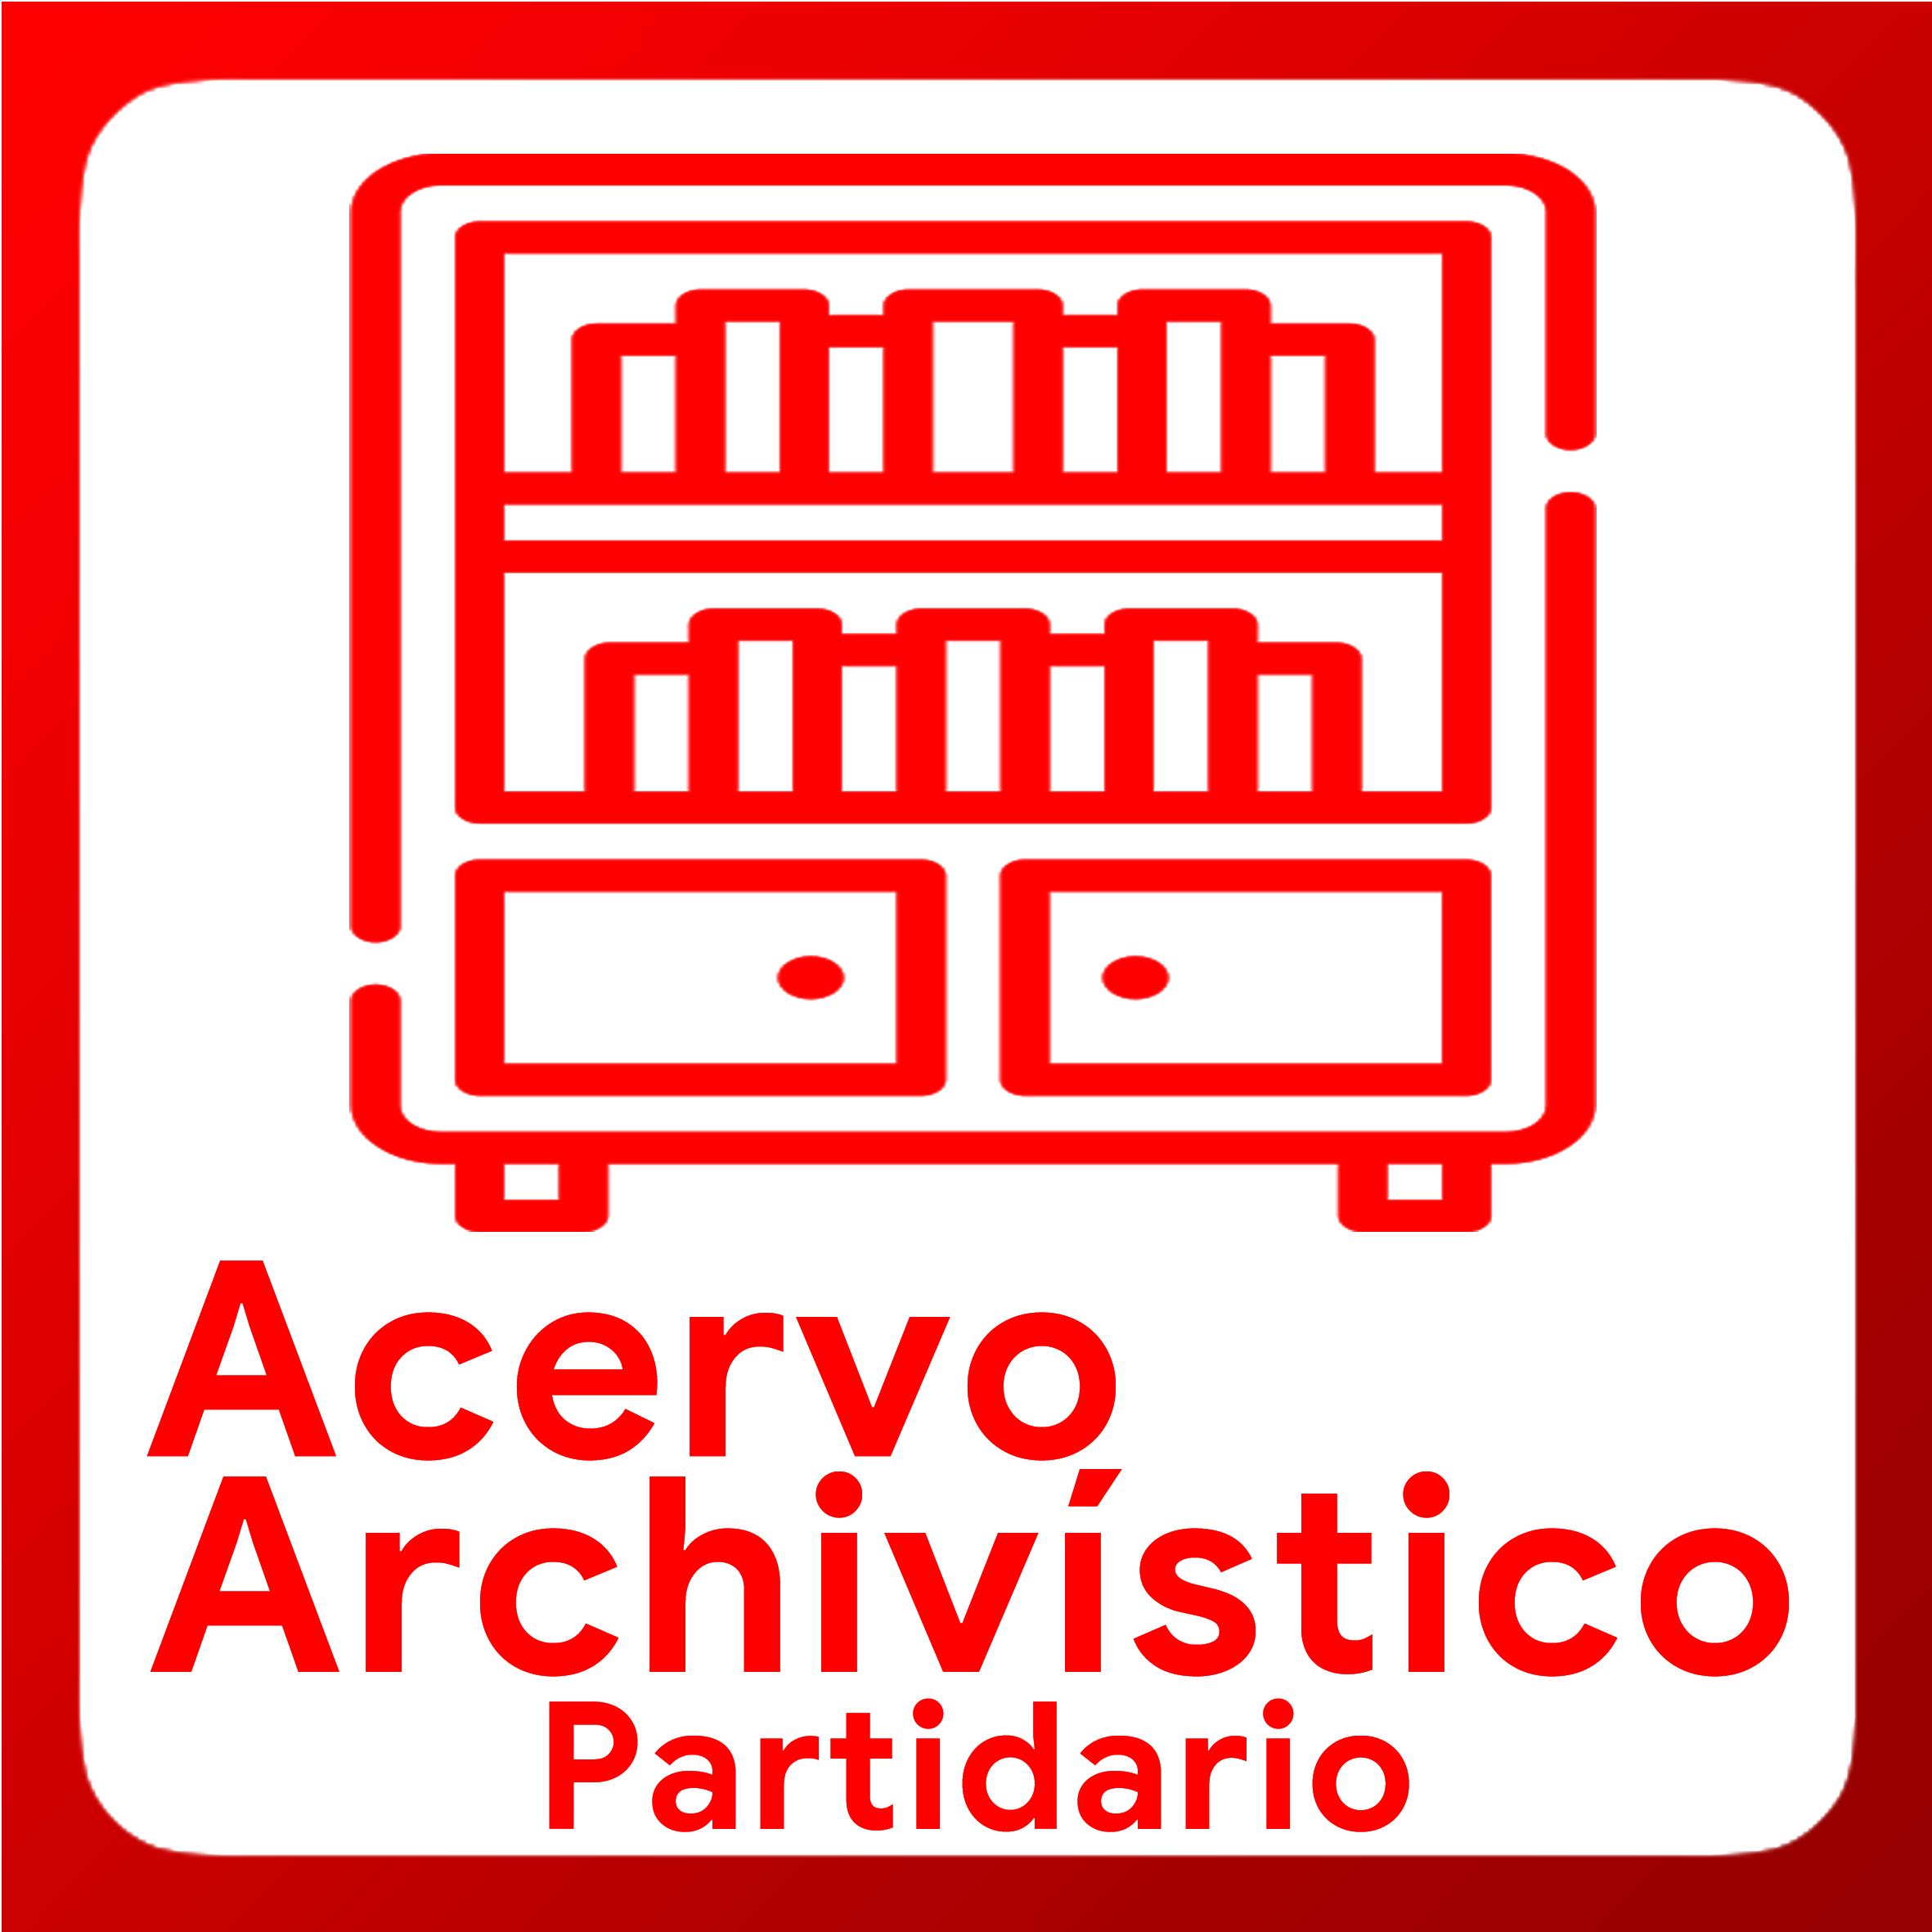 Boton activable de Acervo Archivistico Partidario